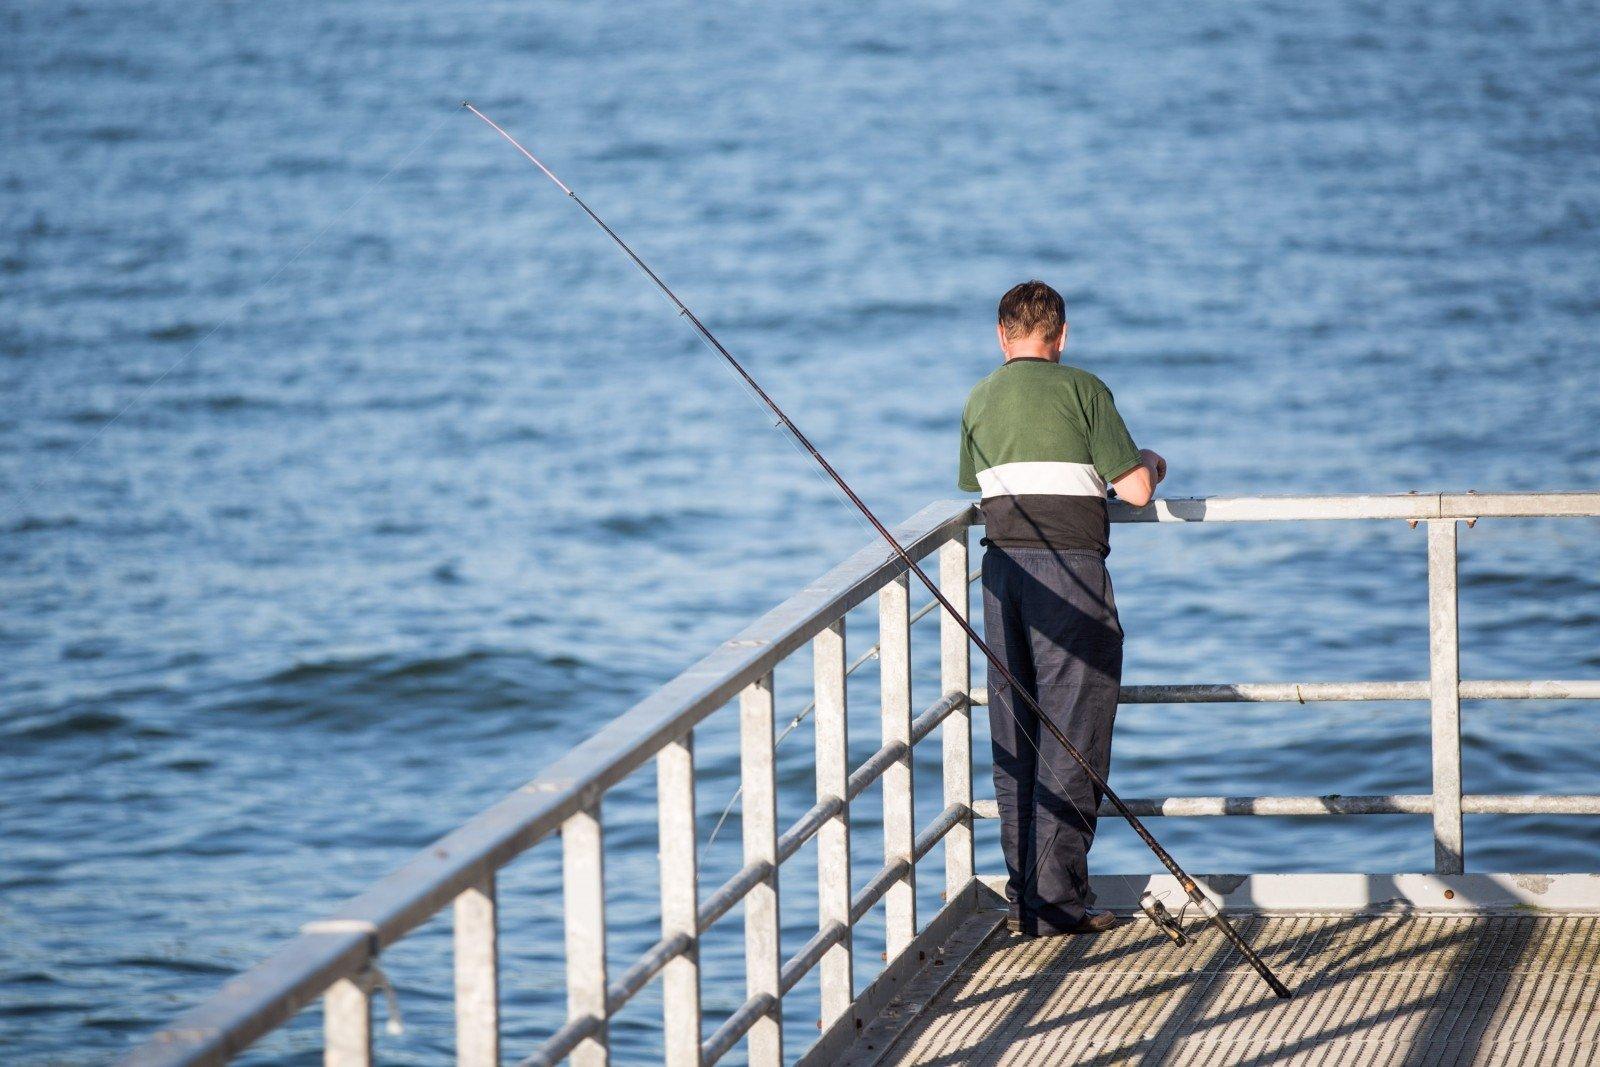 Kur galima žvejoti su žvejo bilietu